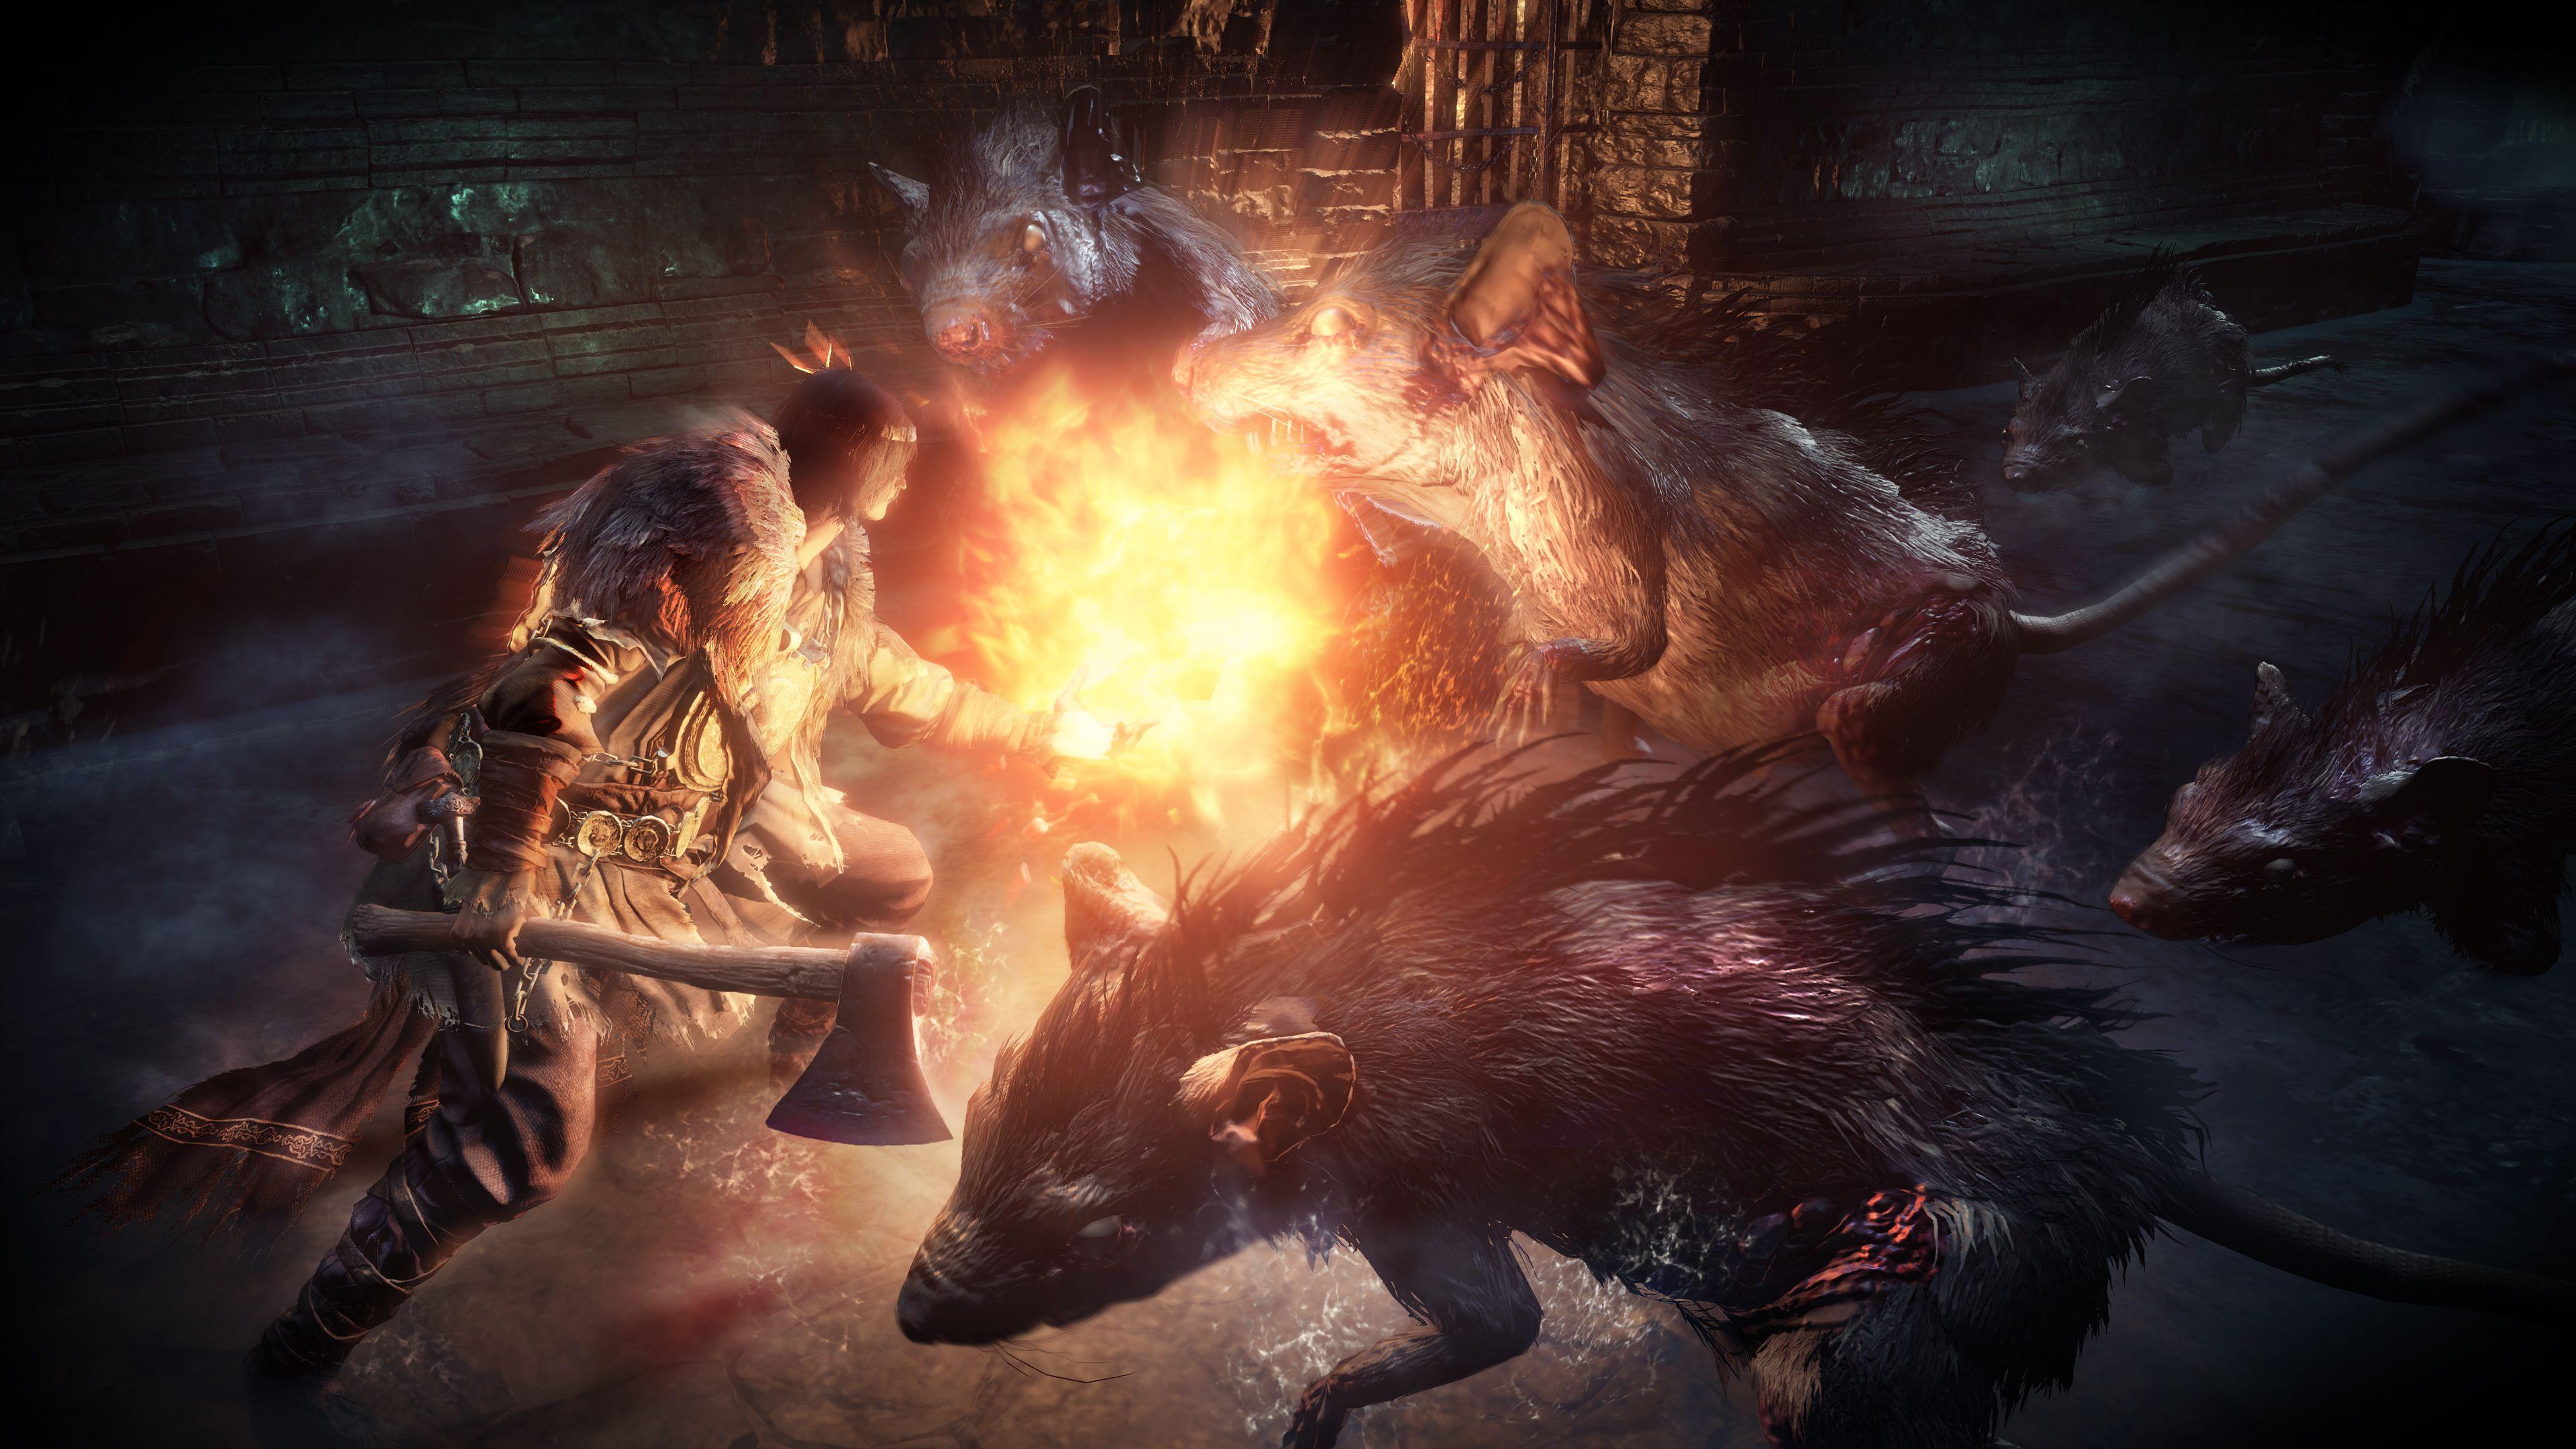 Новые скриншоты Dark Souls 3. - Изображение 3